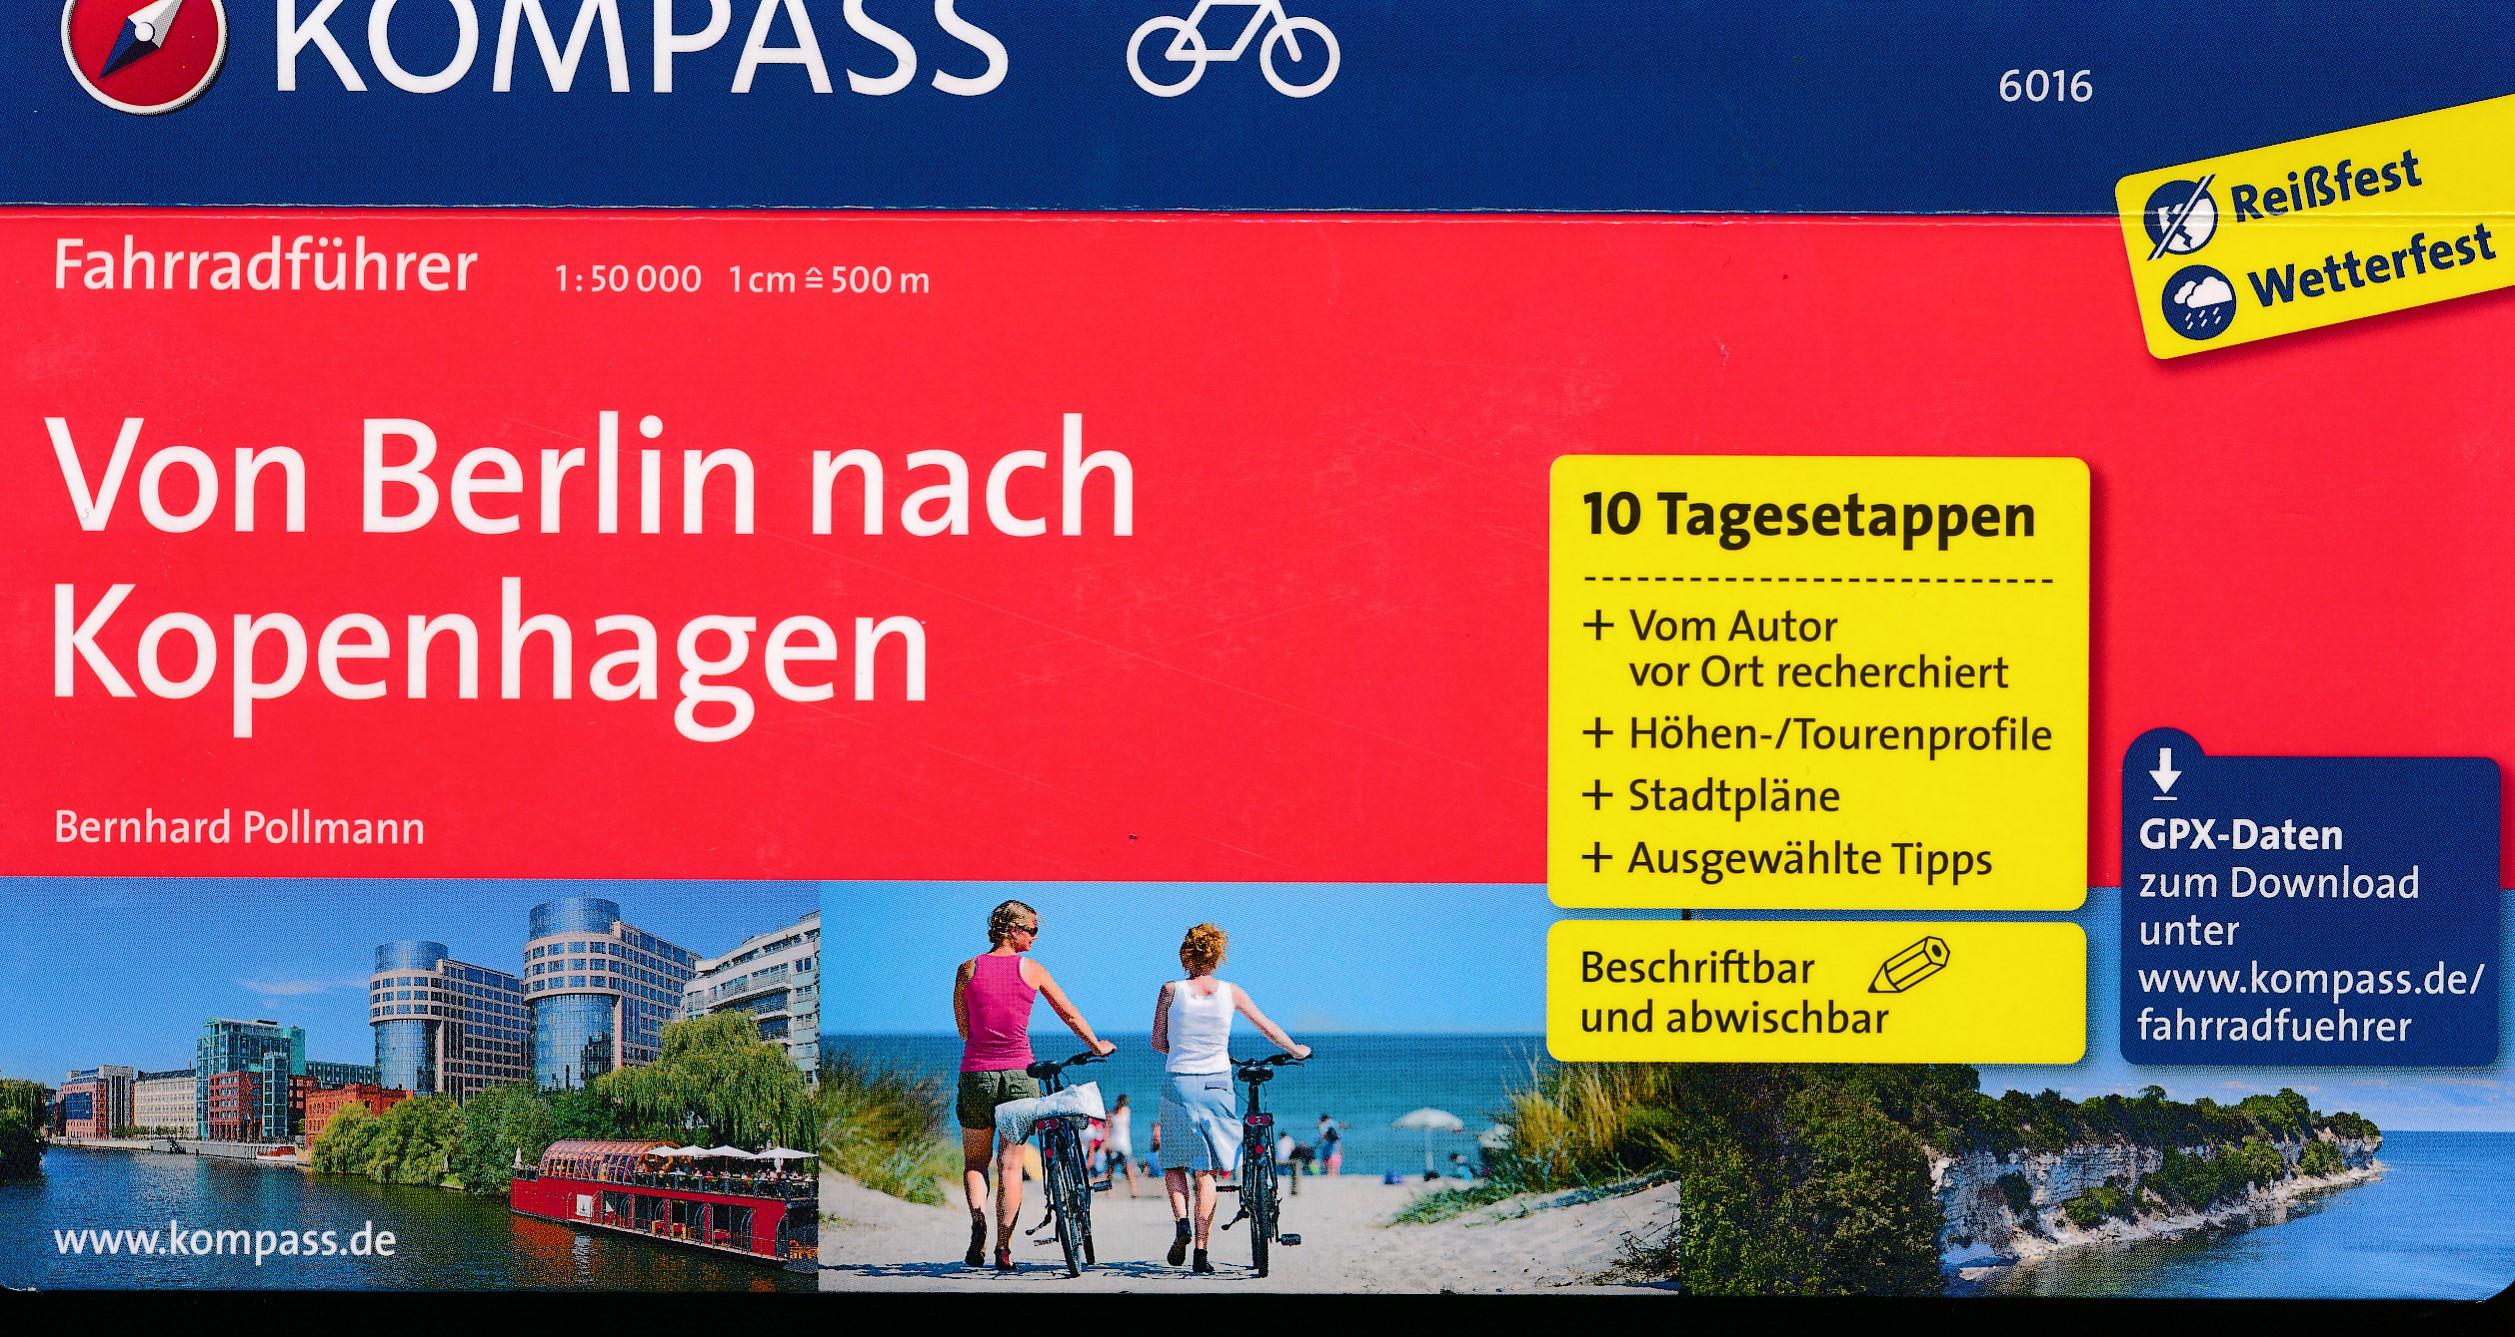 Fietsgids Von Berlin nach Kopenhagen | Kompass